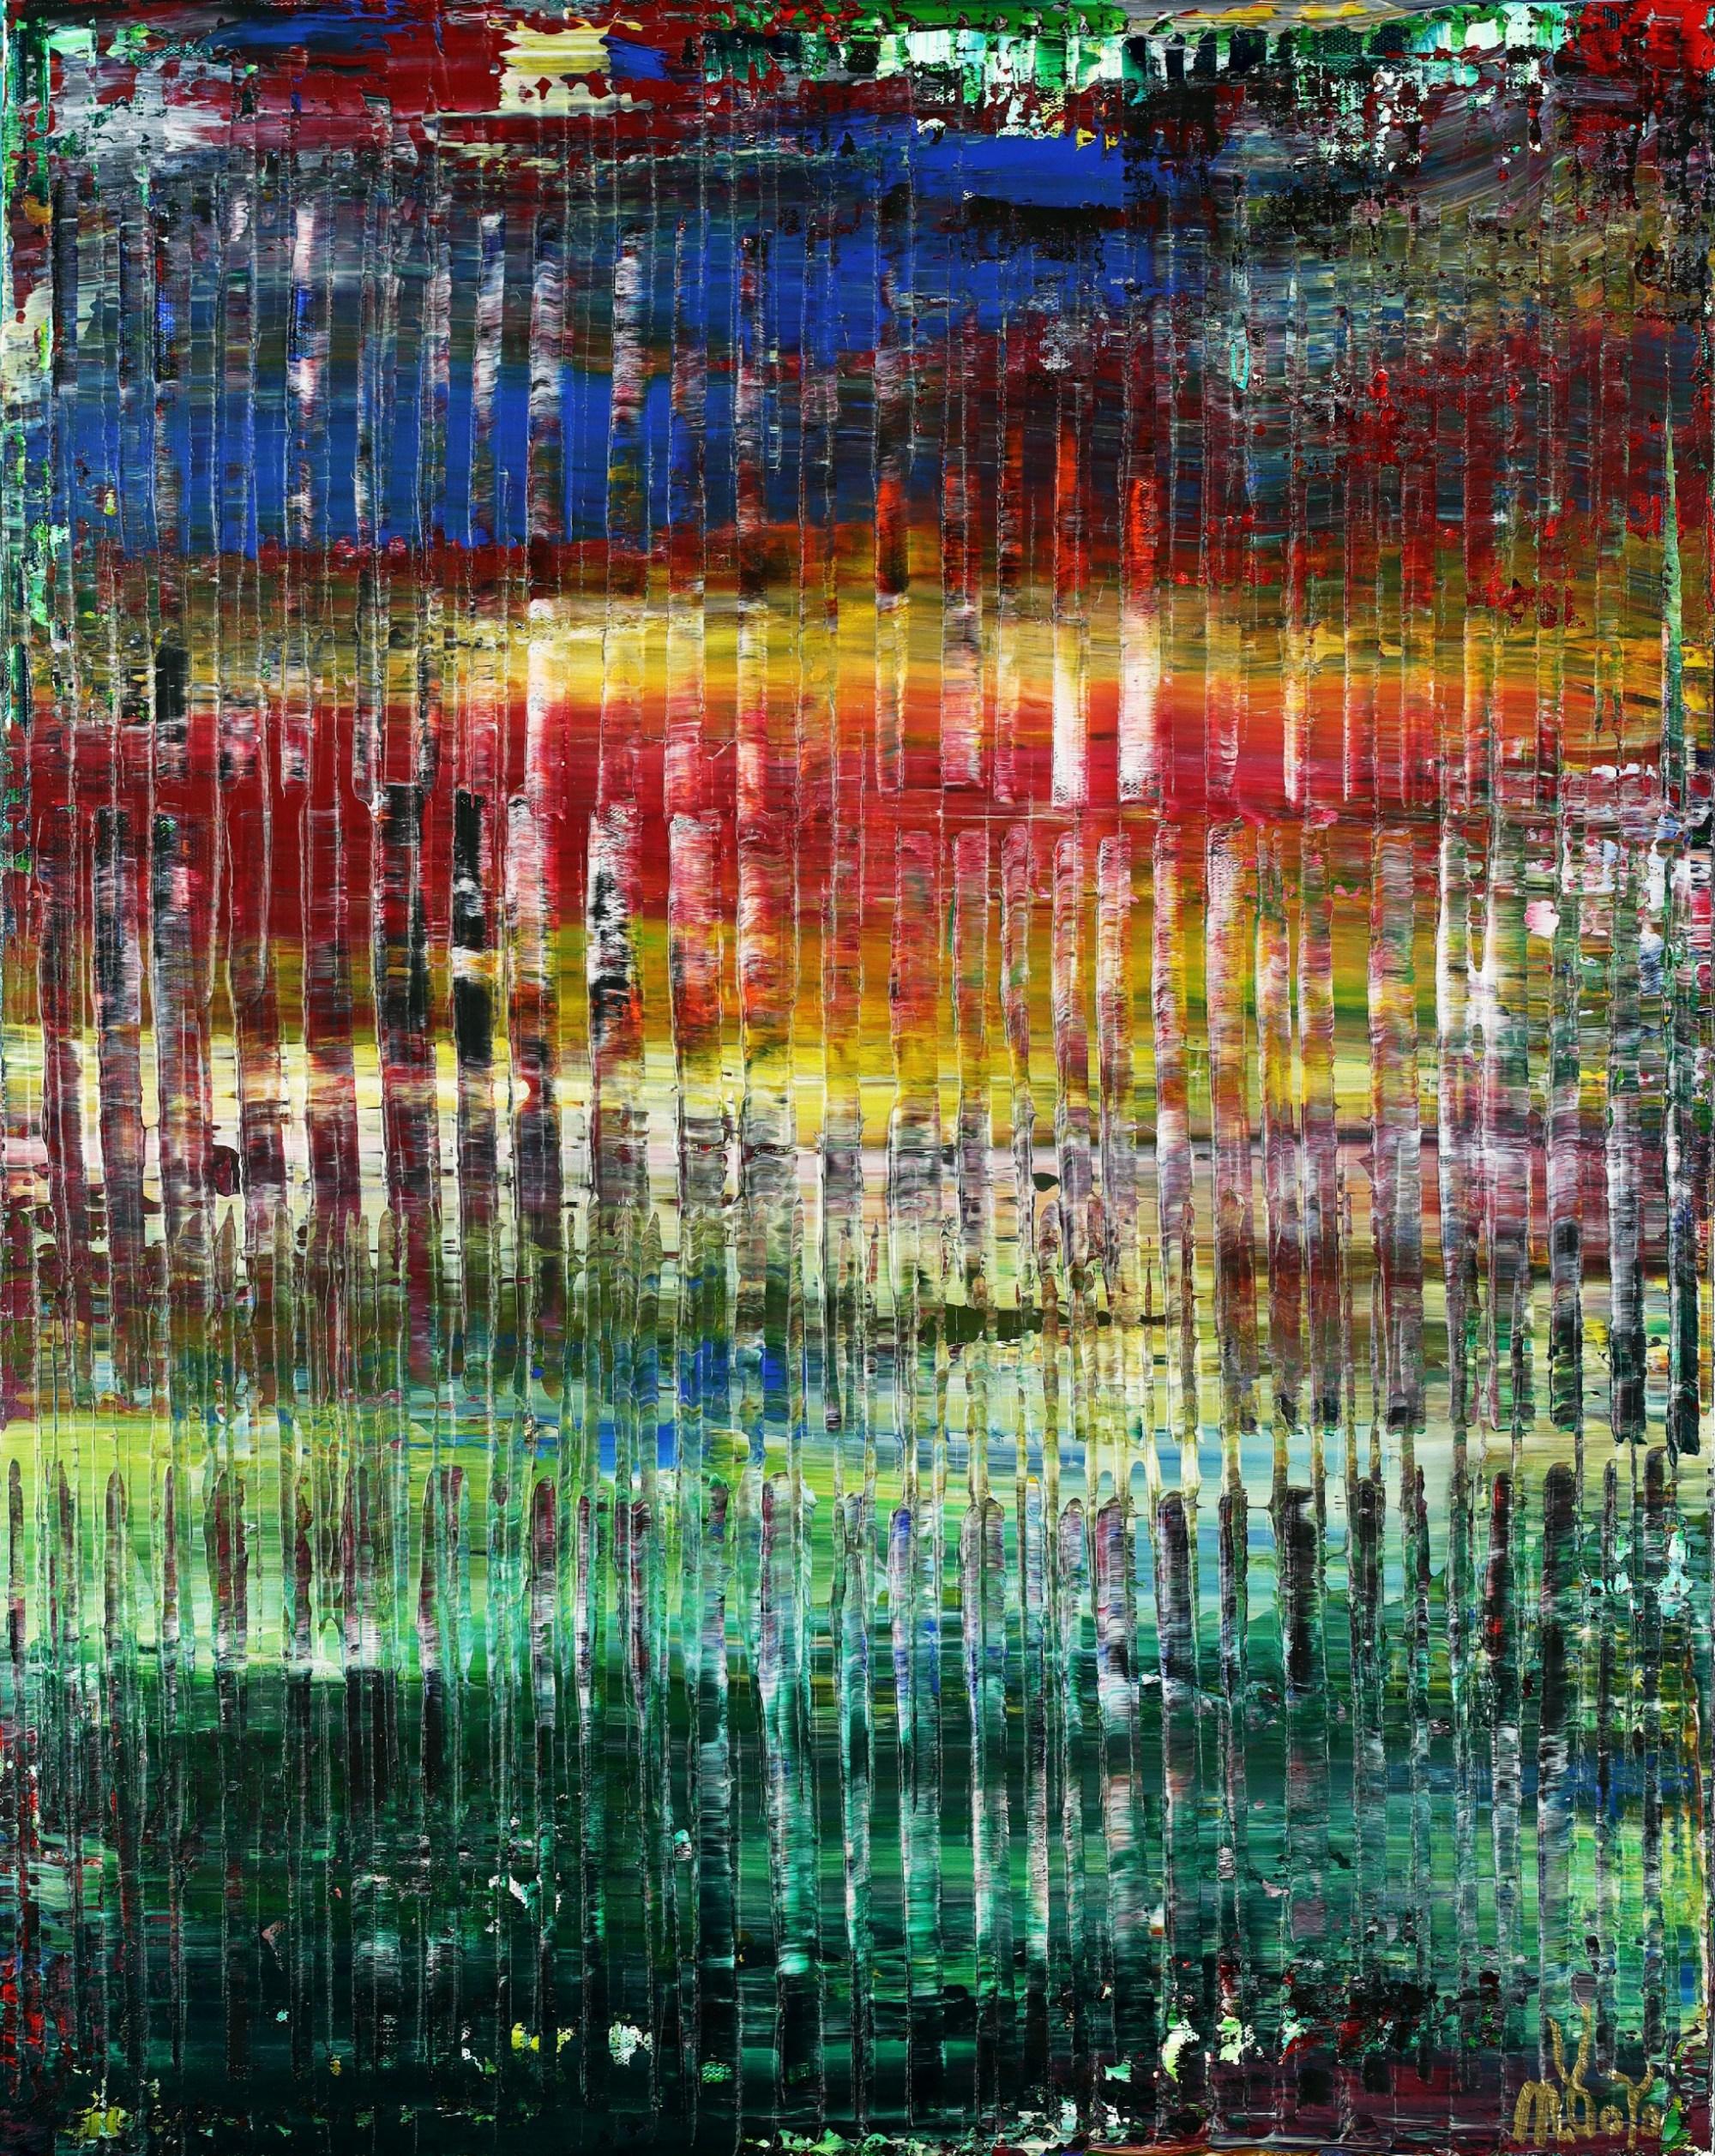 A Matter of Nature 9 (Tropics Reflections) (2021) / Artist: Nestor Toro